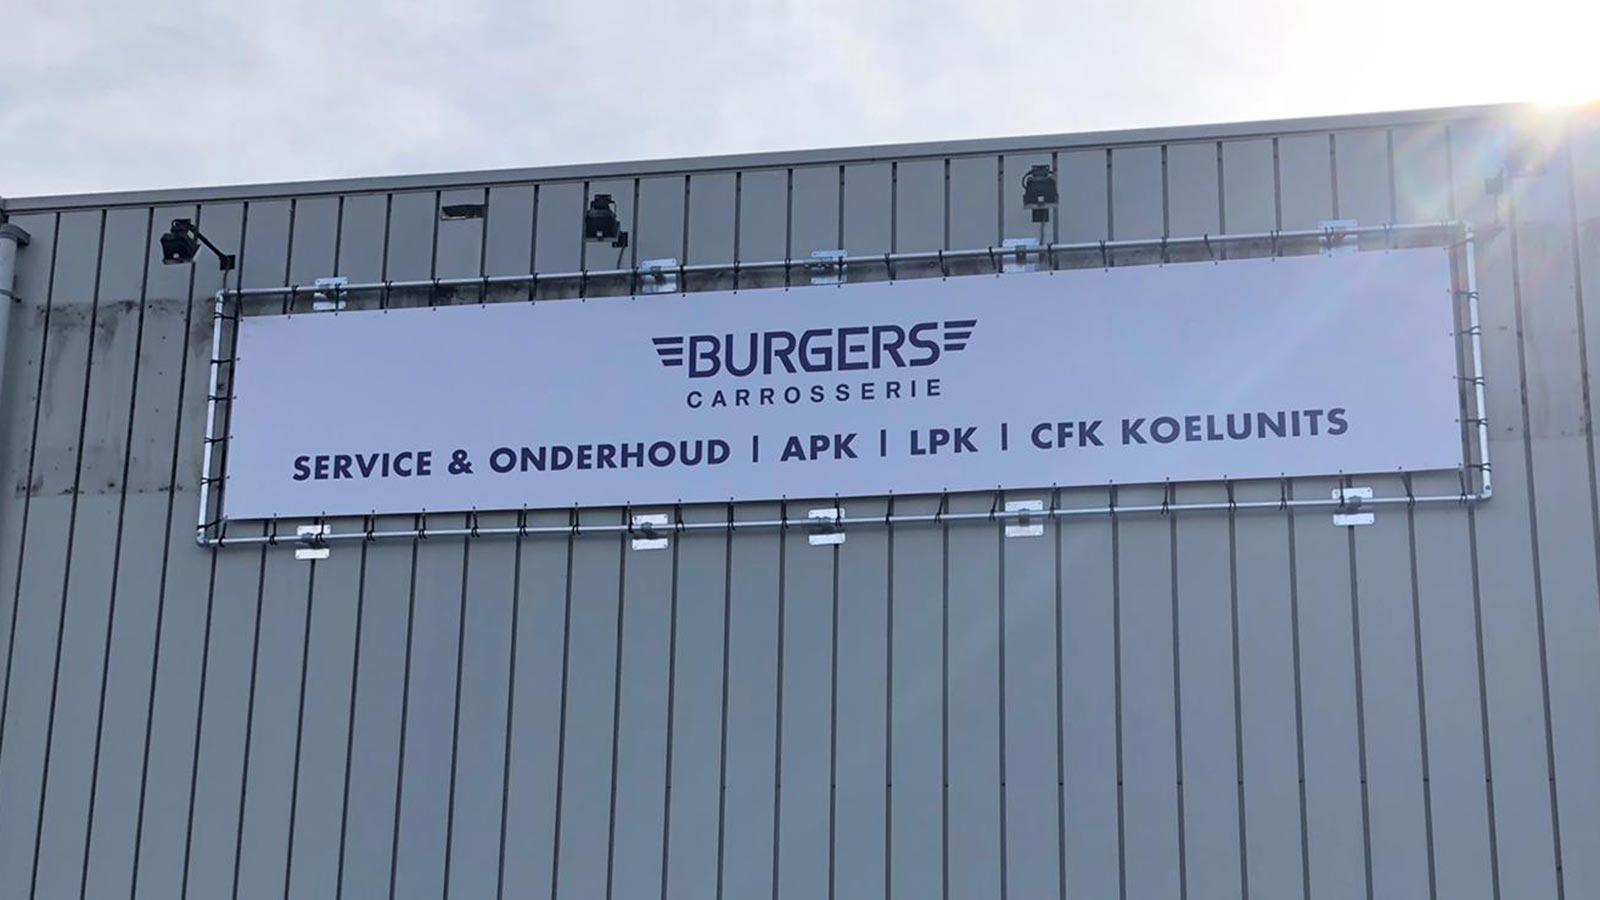 Van Riemsdijk Reklame - Spandoeken - Burgers Carrosserie